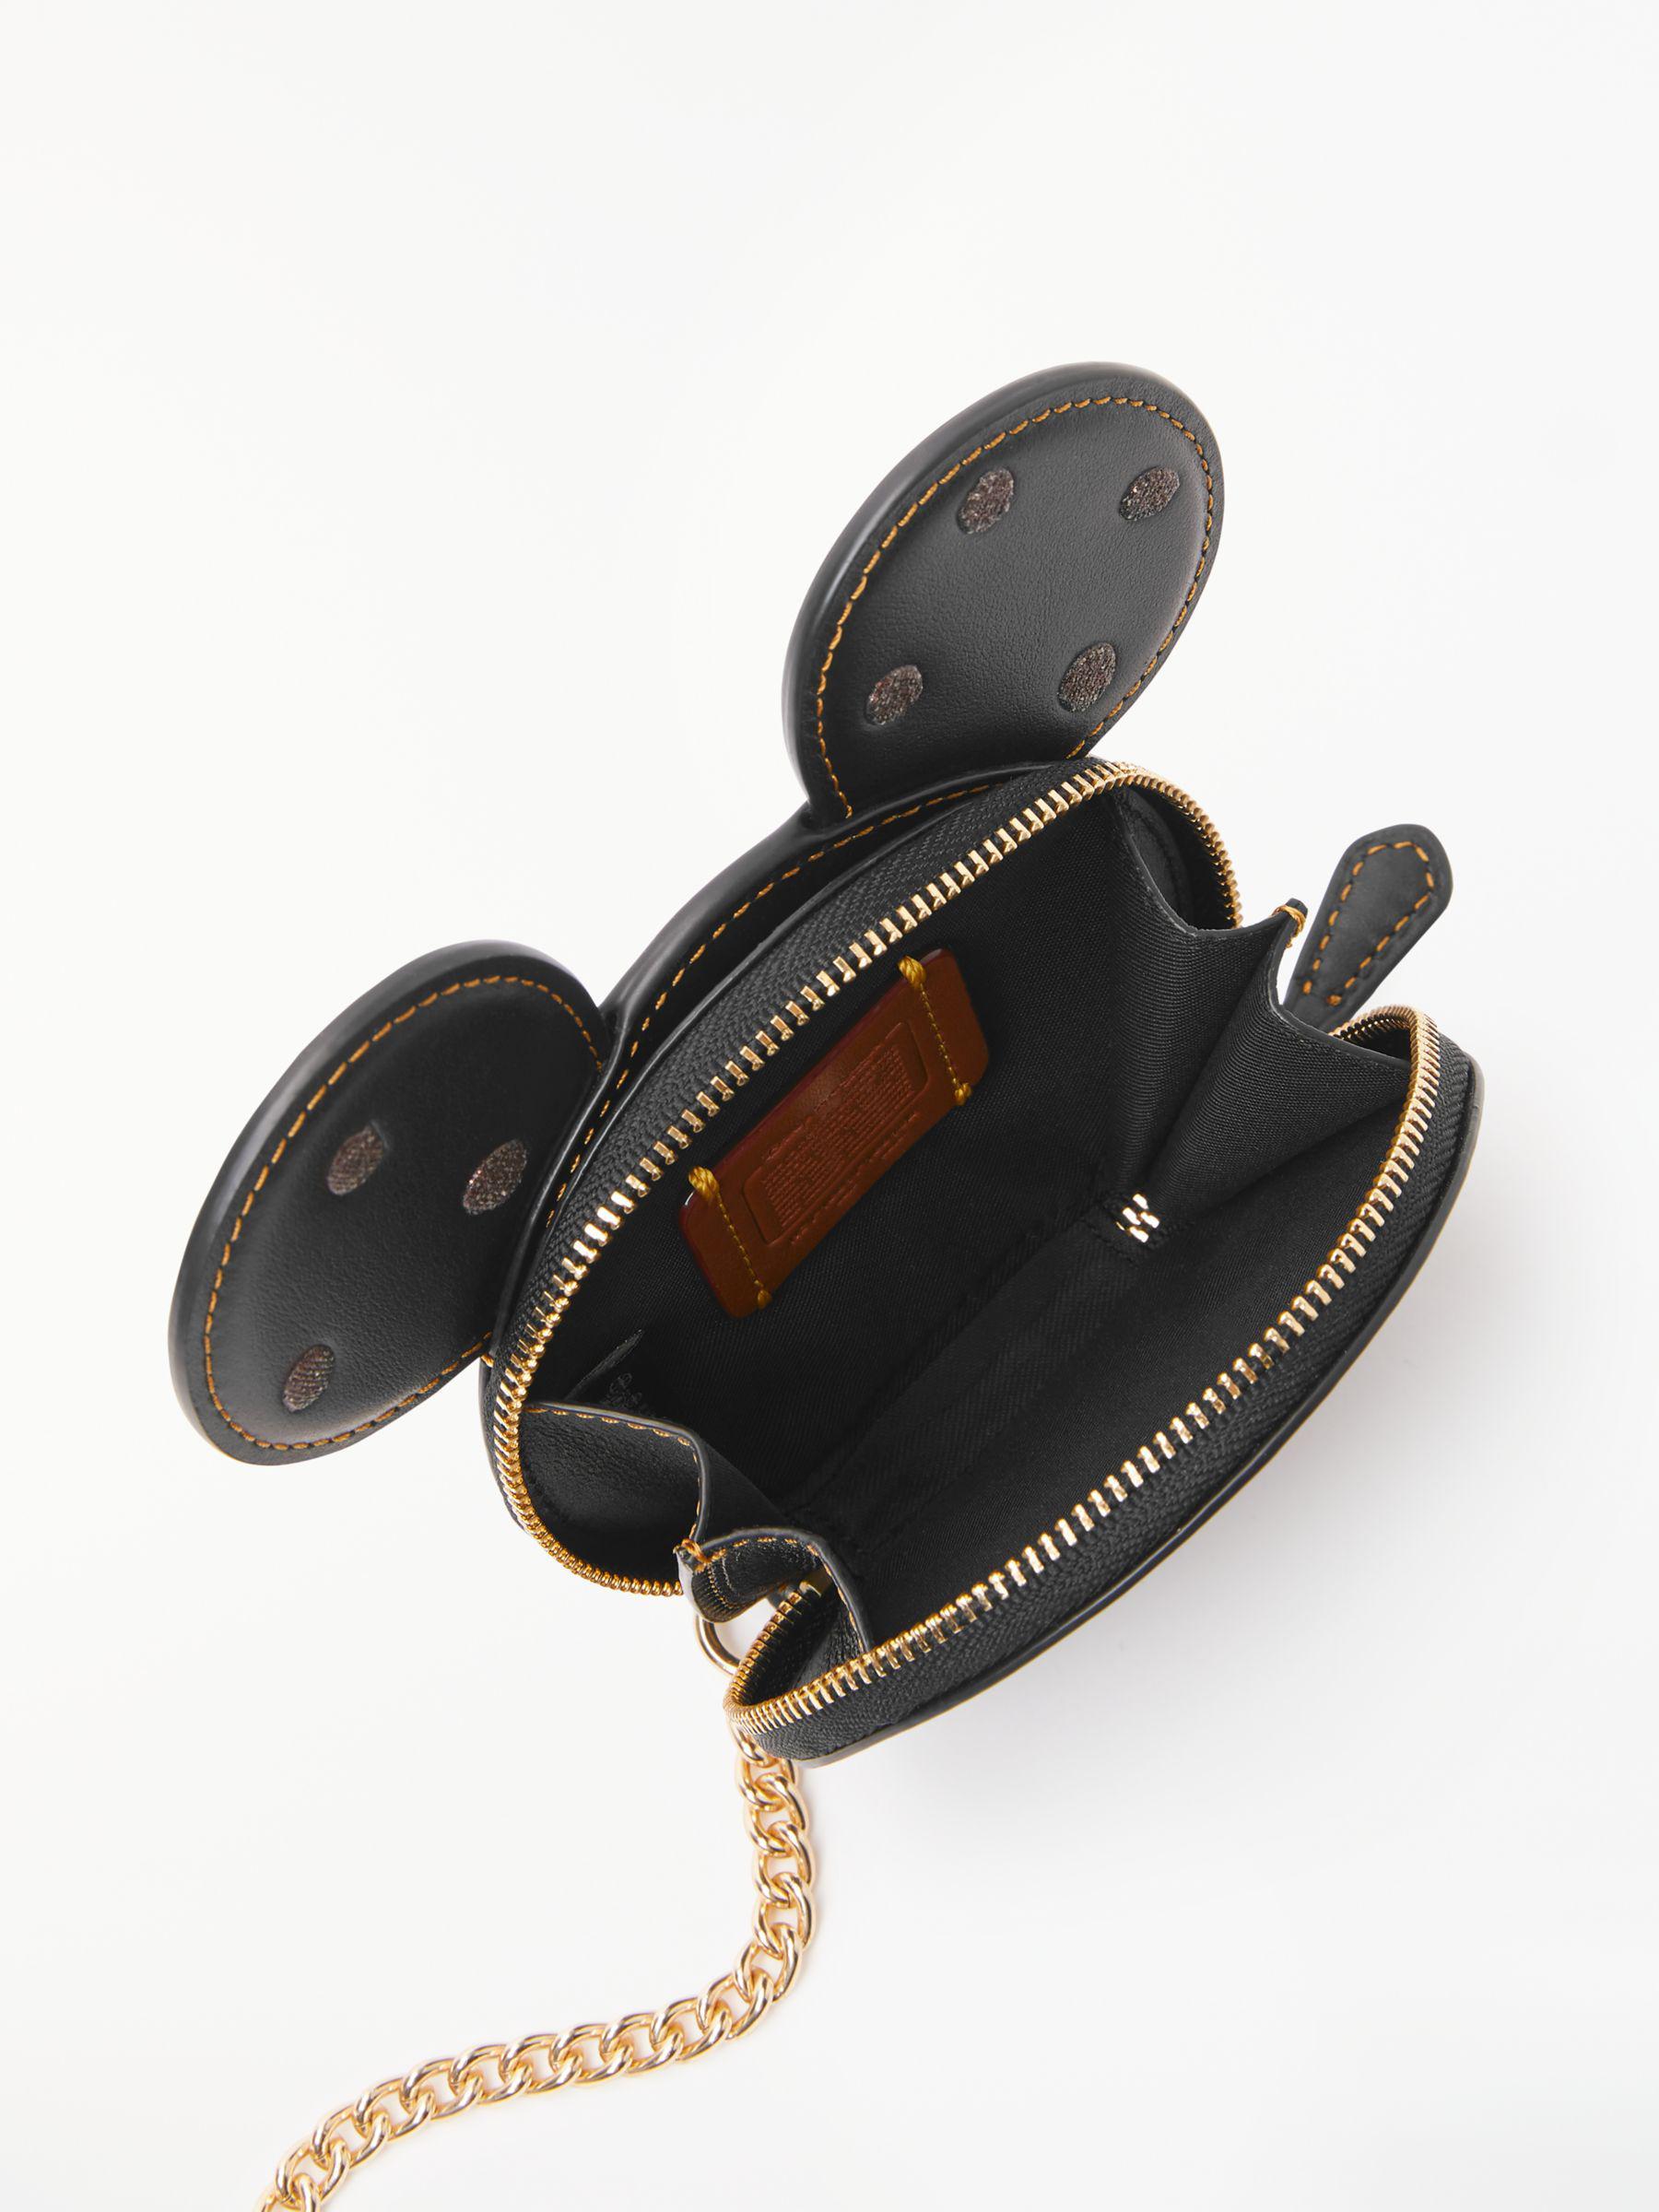 a400a97b4ba7 Minnie Mouse Coin Purse Coach - Best Purse Image Ccdbb.Org